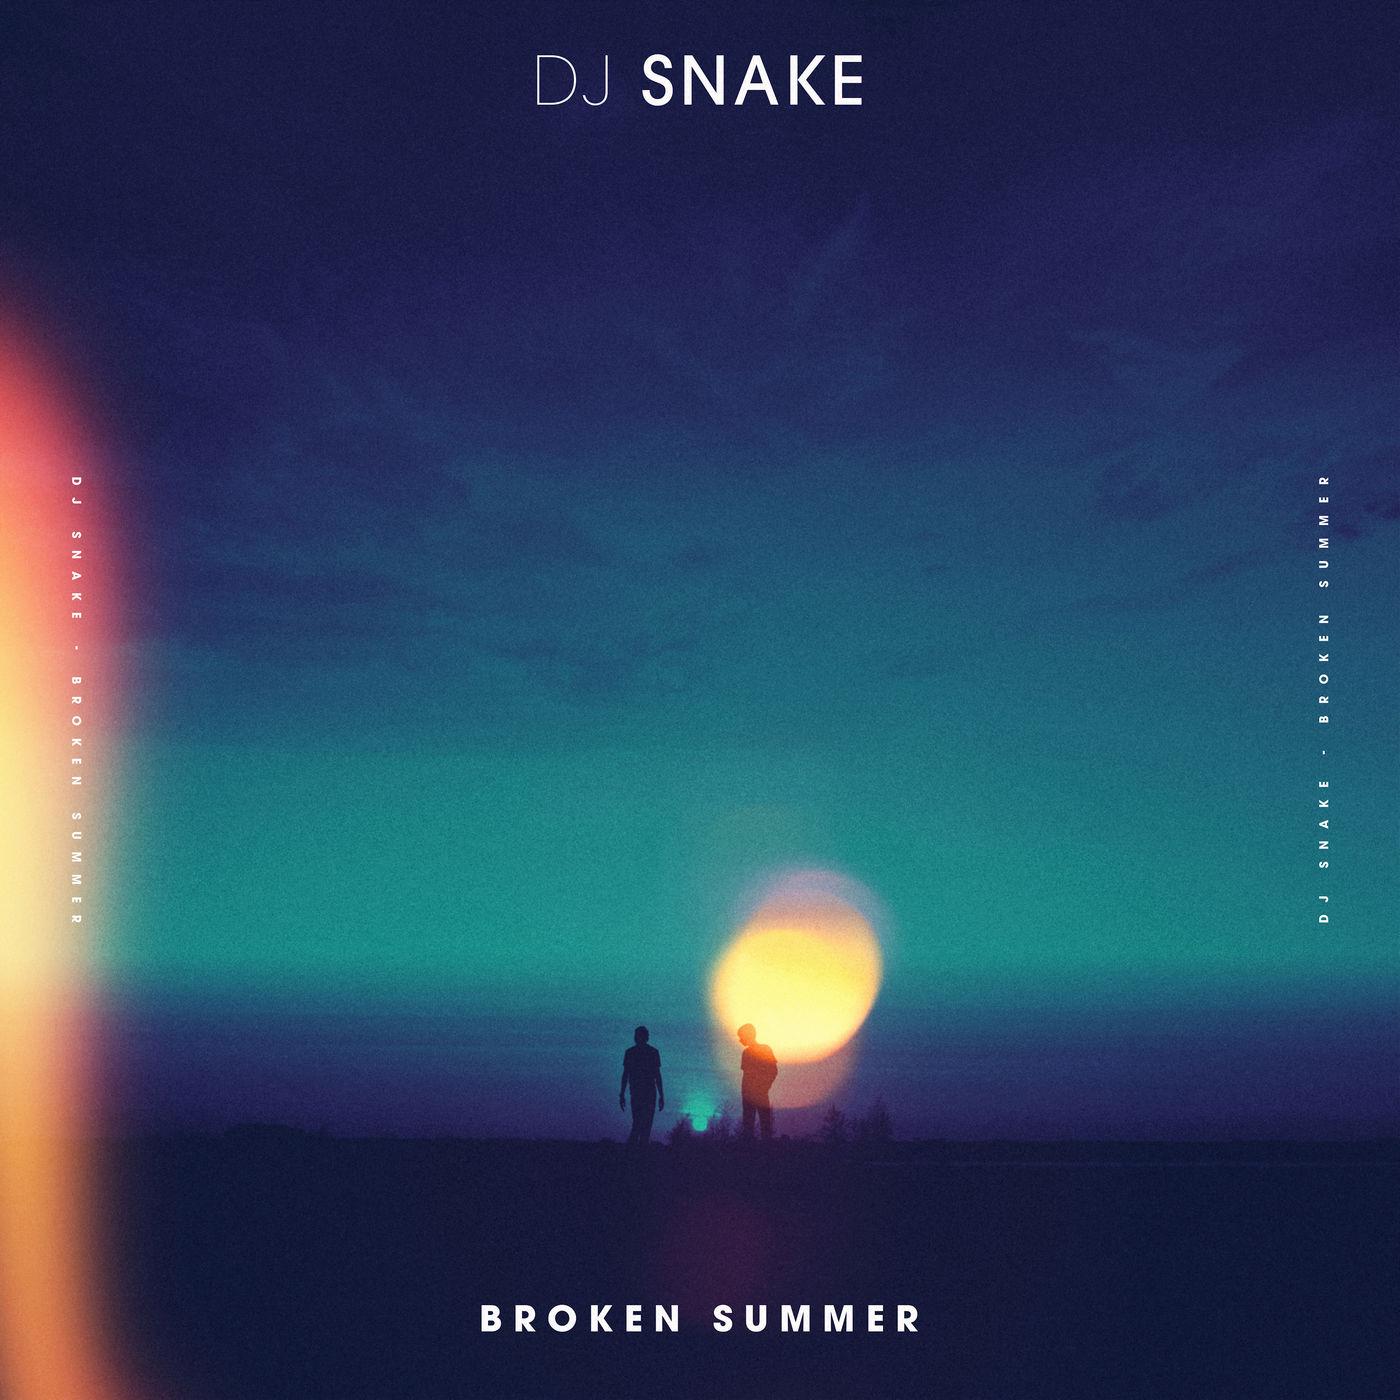 DJ Snake - Broken Summer (feat. Max Frost) - Single